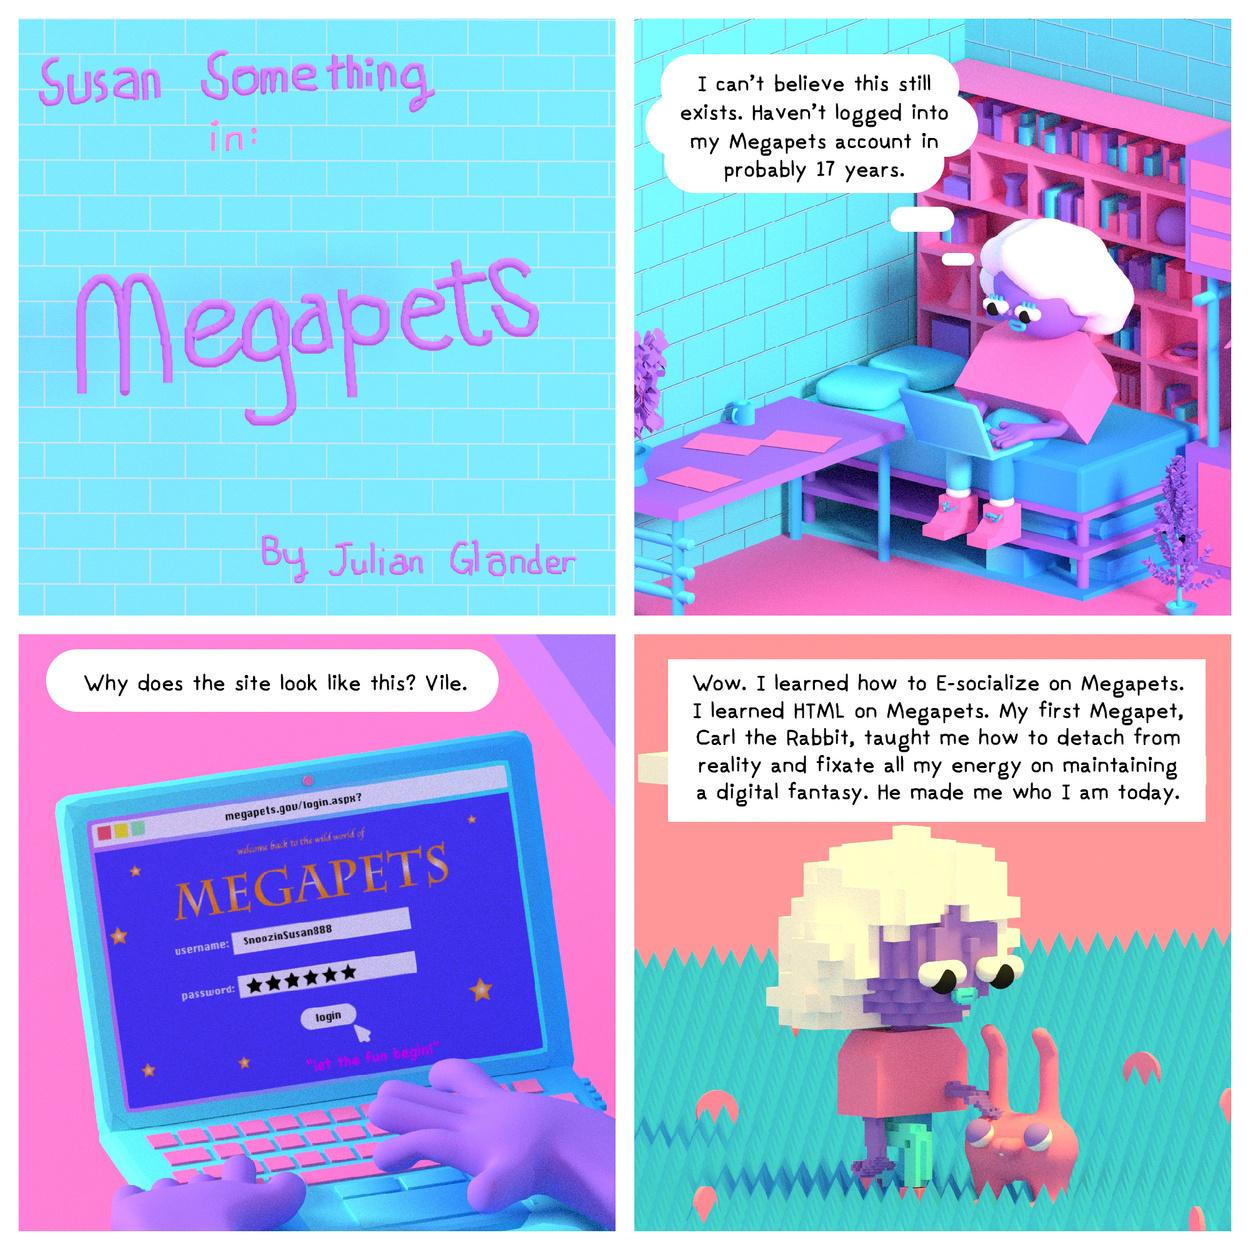 megapets-01.jpg